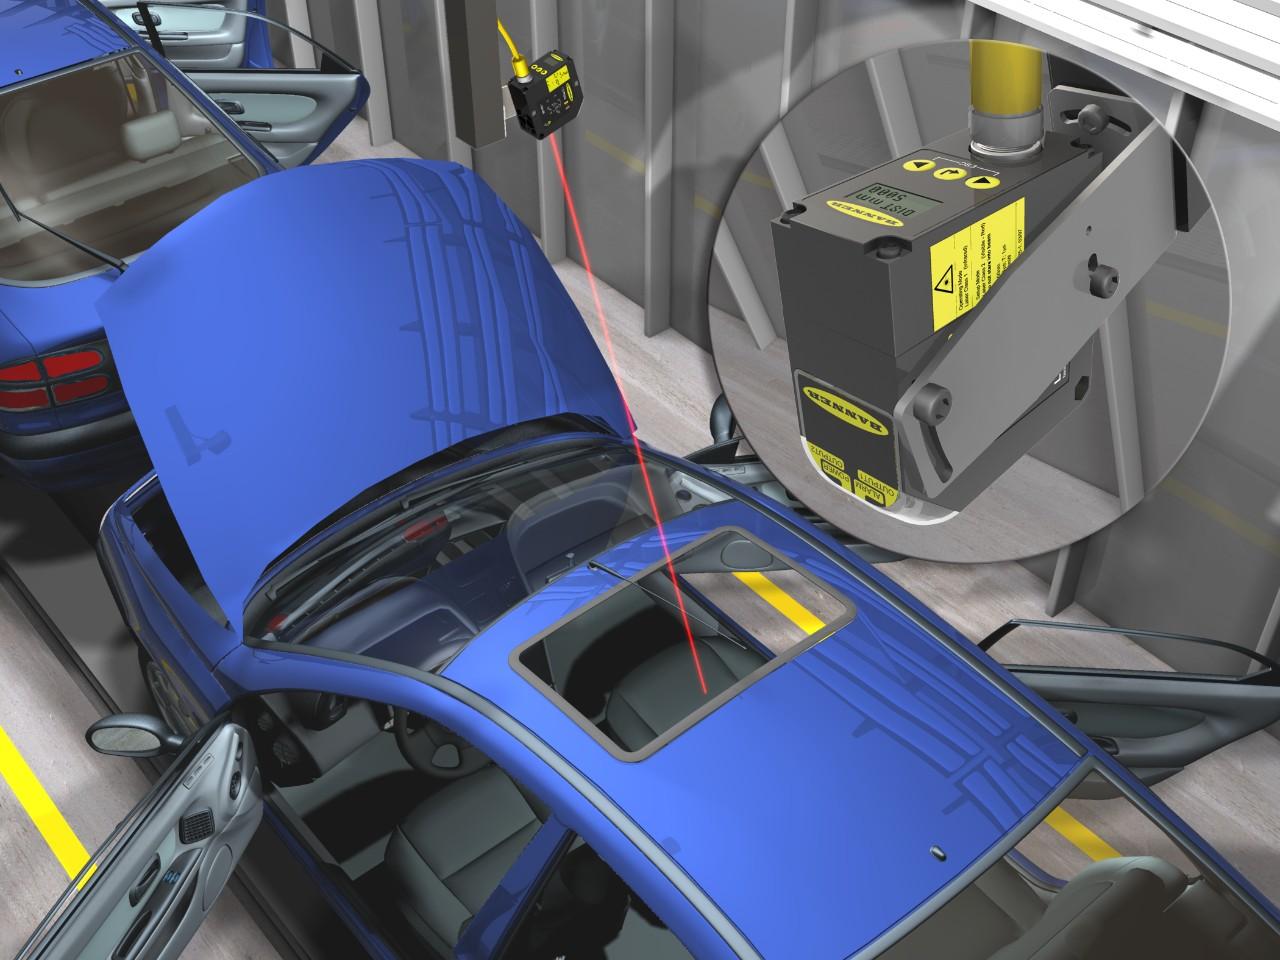 Inspección de Largo Alcance en Ensamble Automotriz